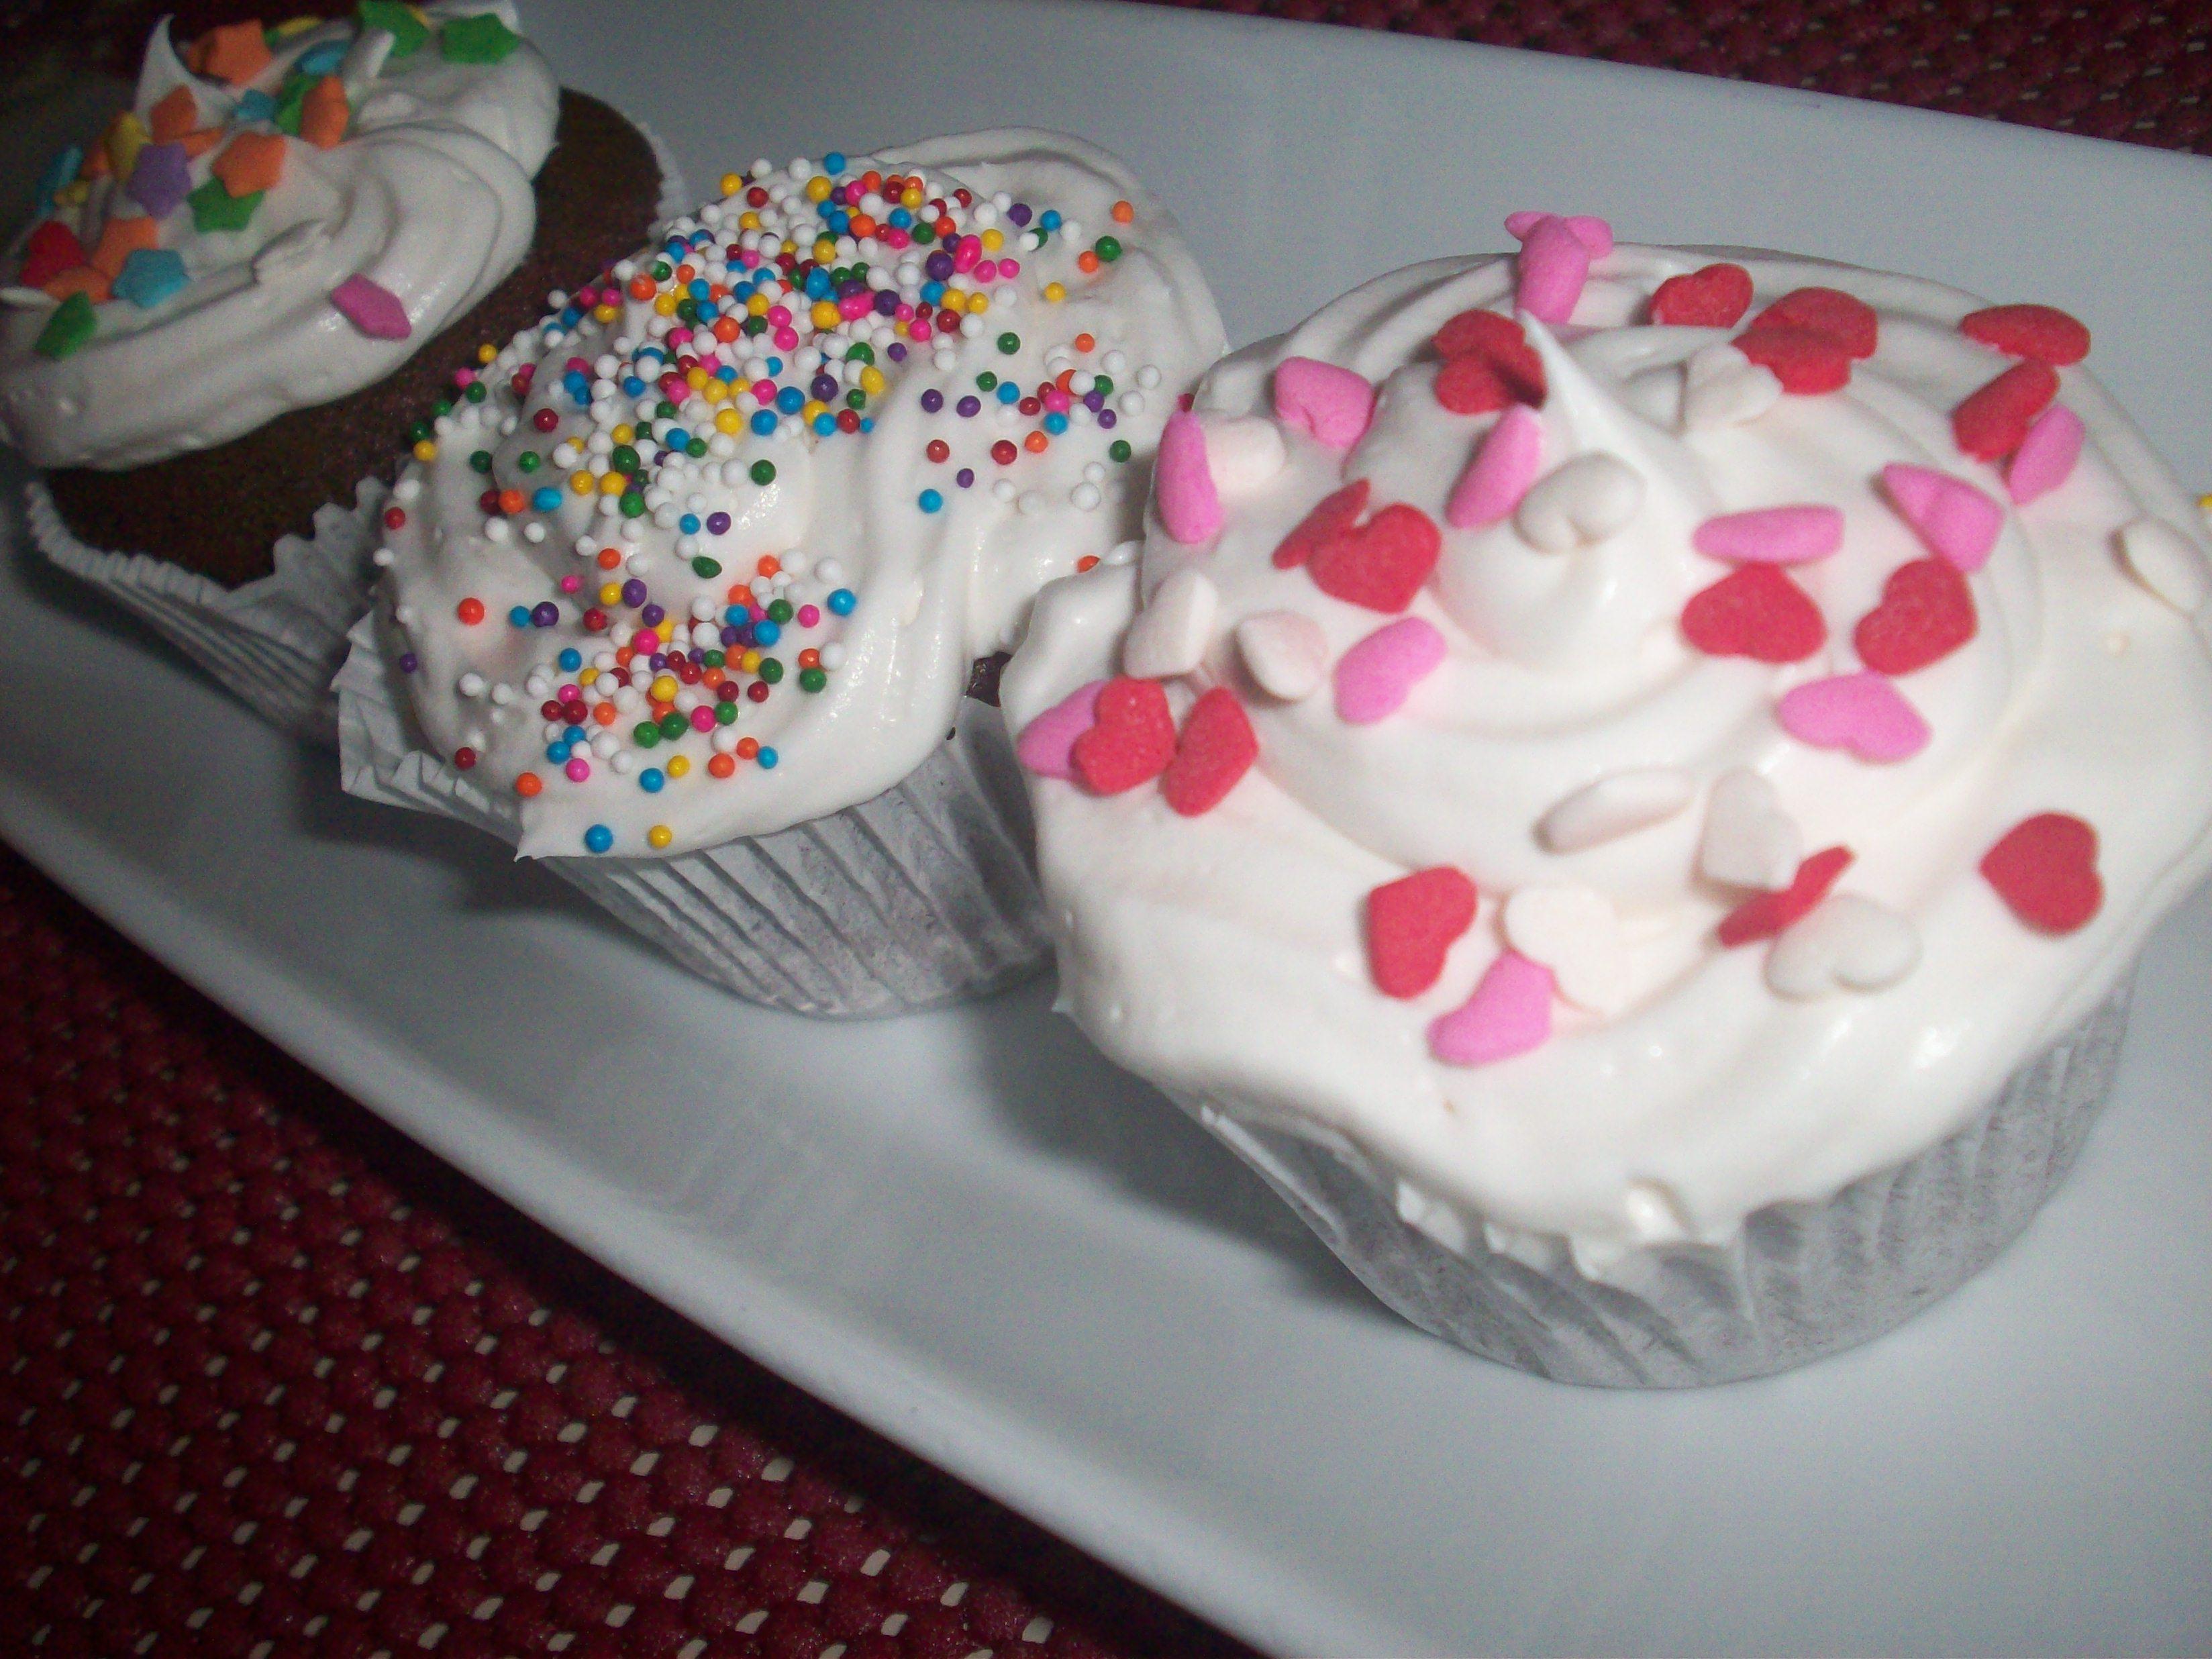 http://foodloader.net/cutie_2010-07-15_Cupcakes1.jpg